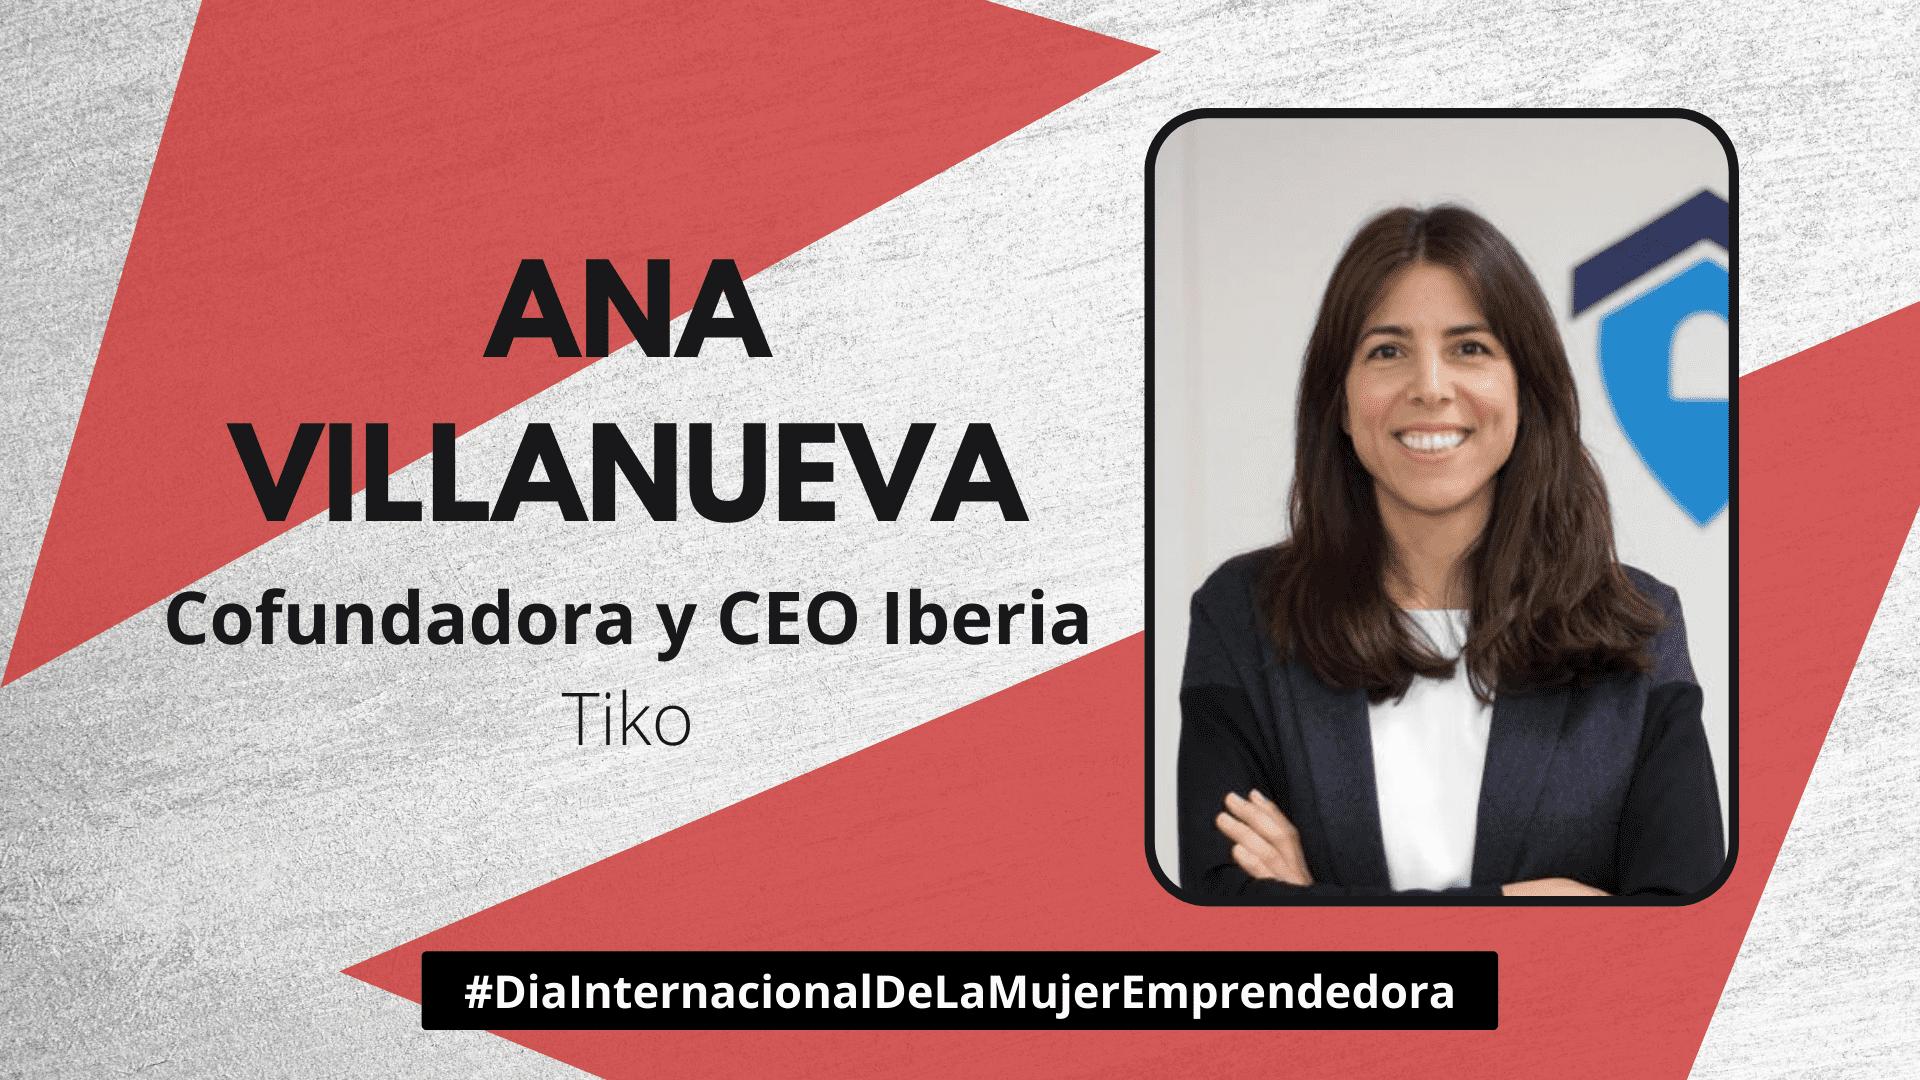 Ana Villanueva - Día de la Mujer Emprendedora